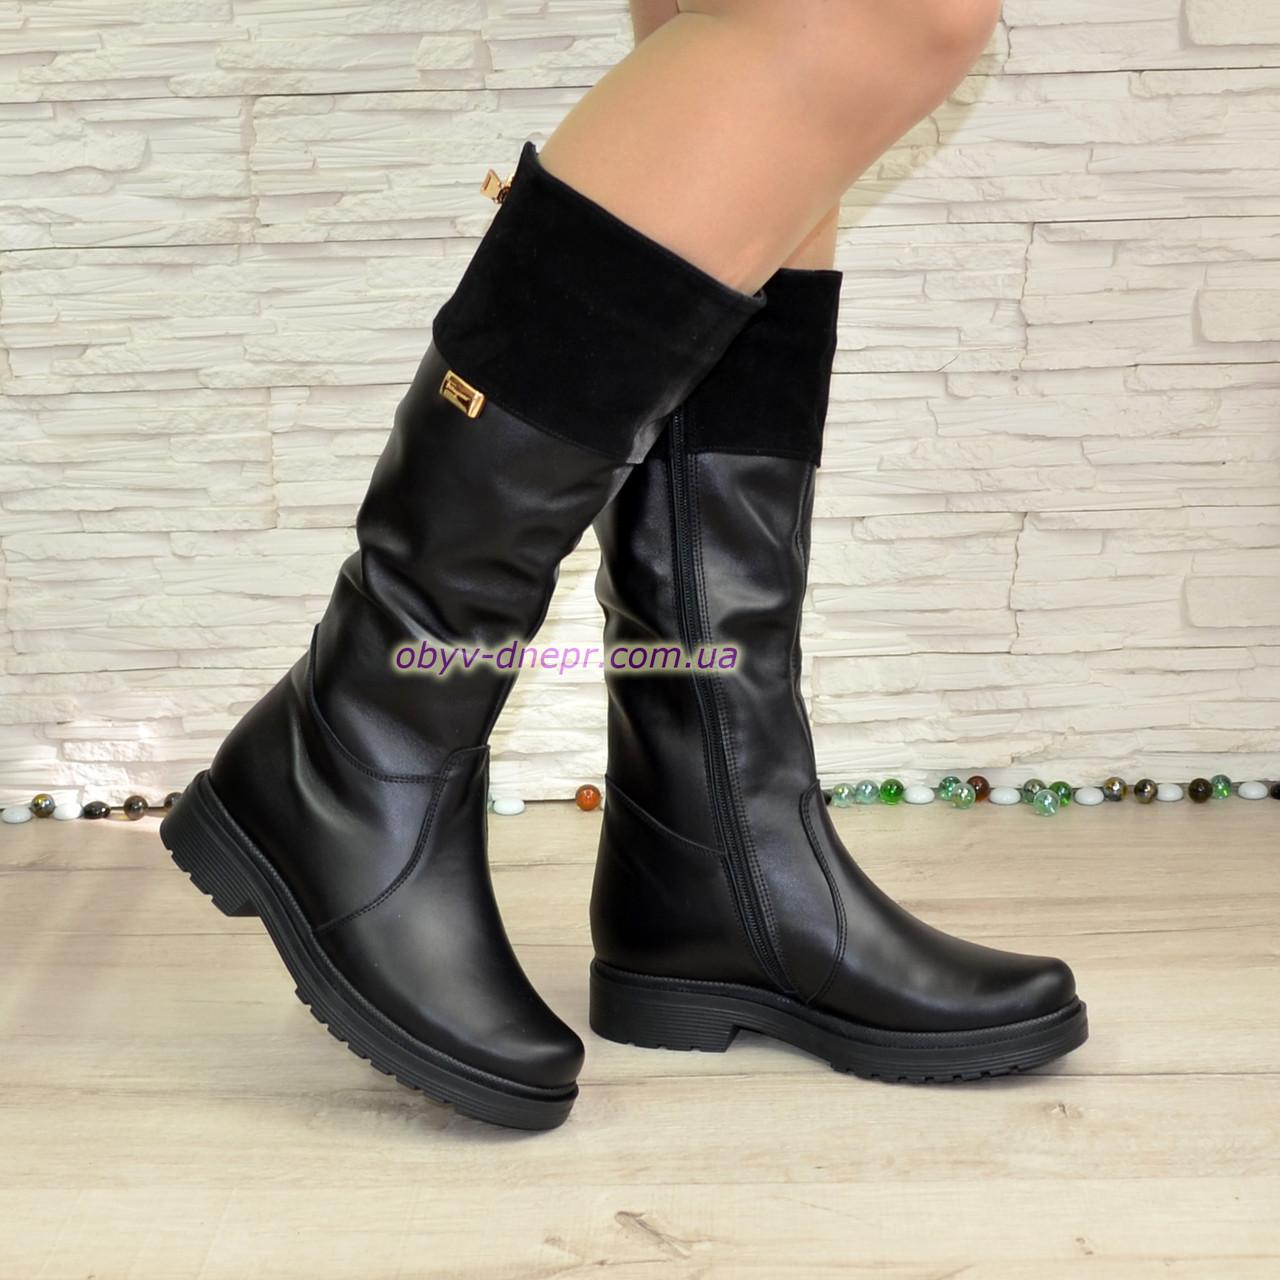 Сапоги комбинированные зимние на маленьком каблуке, натуральная кожа и замша. 38 размер